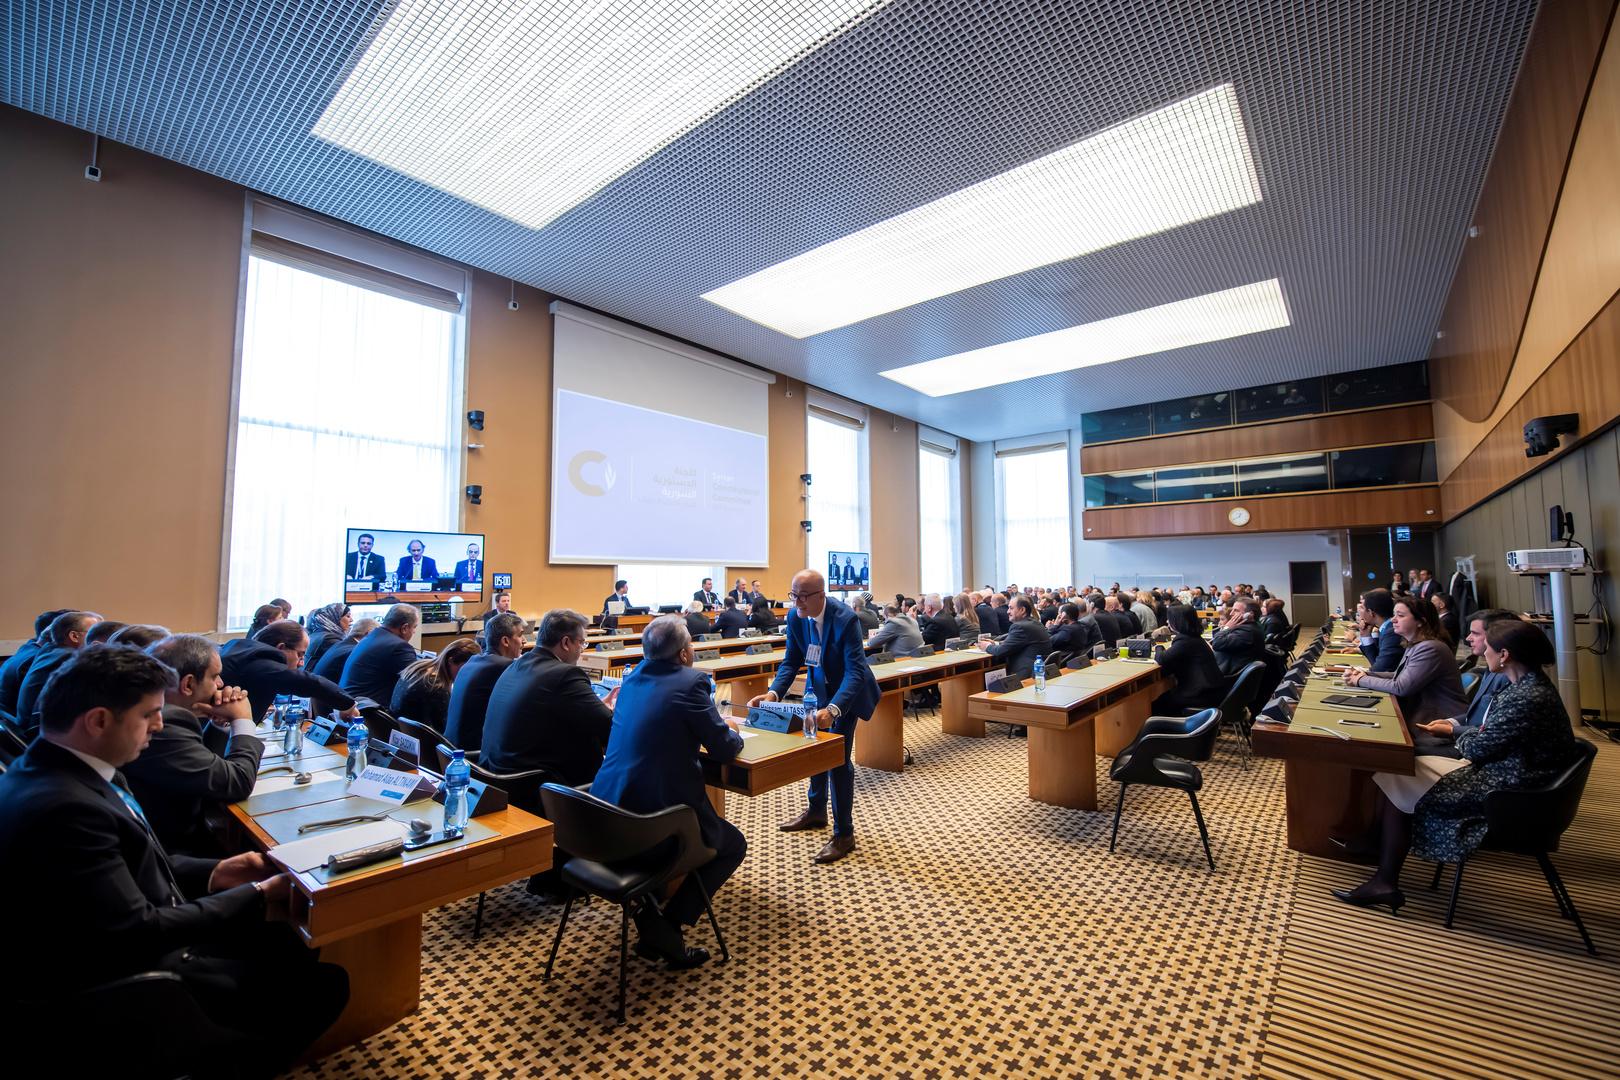 صورة من اجتماع للجنة الدستورية السورية في جنيف (31 أكتوبر)